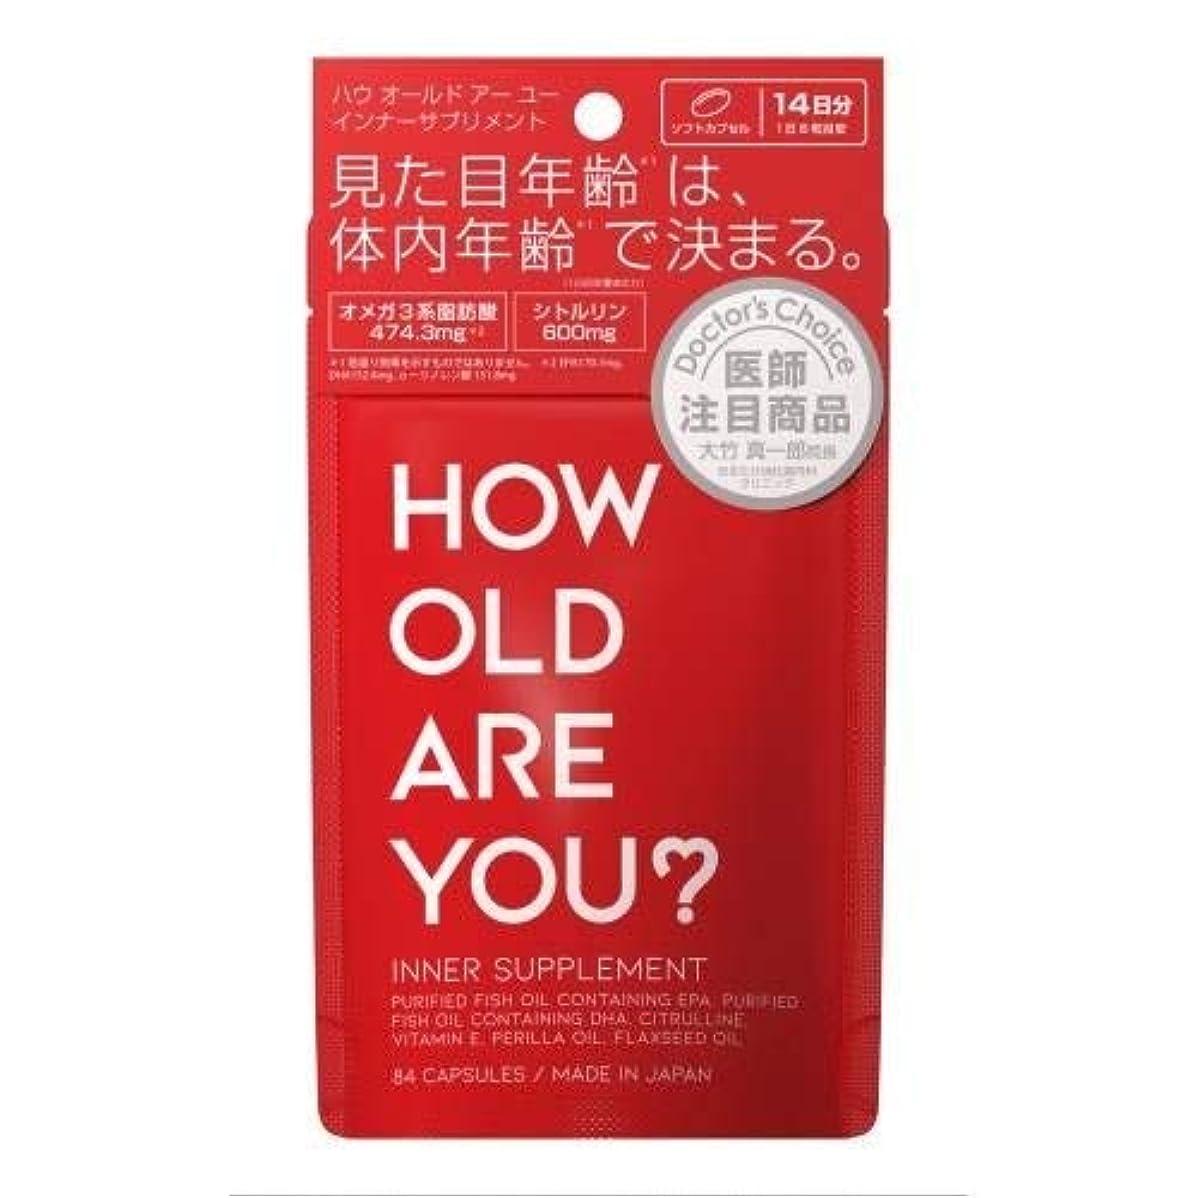 ダーベビルのテスタップ怠HOW OLD ARE YOU?(ハウオールドアーユー) インナーサプリメント 84粒